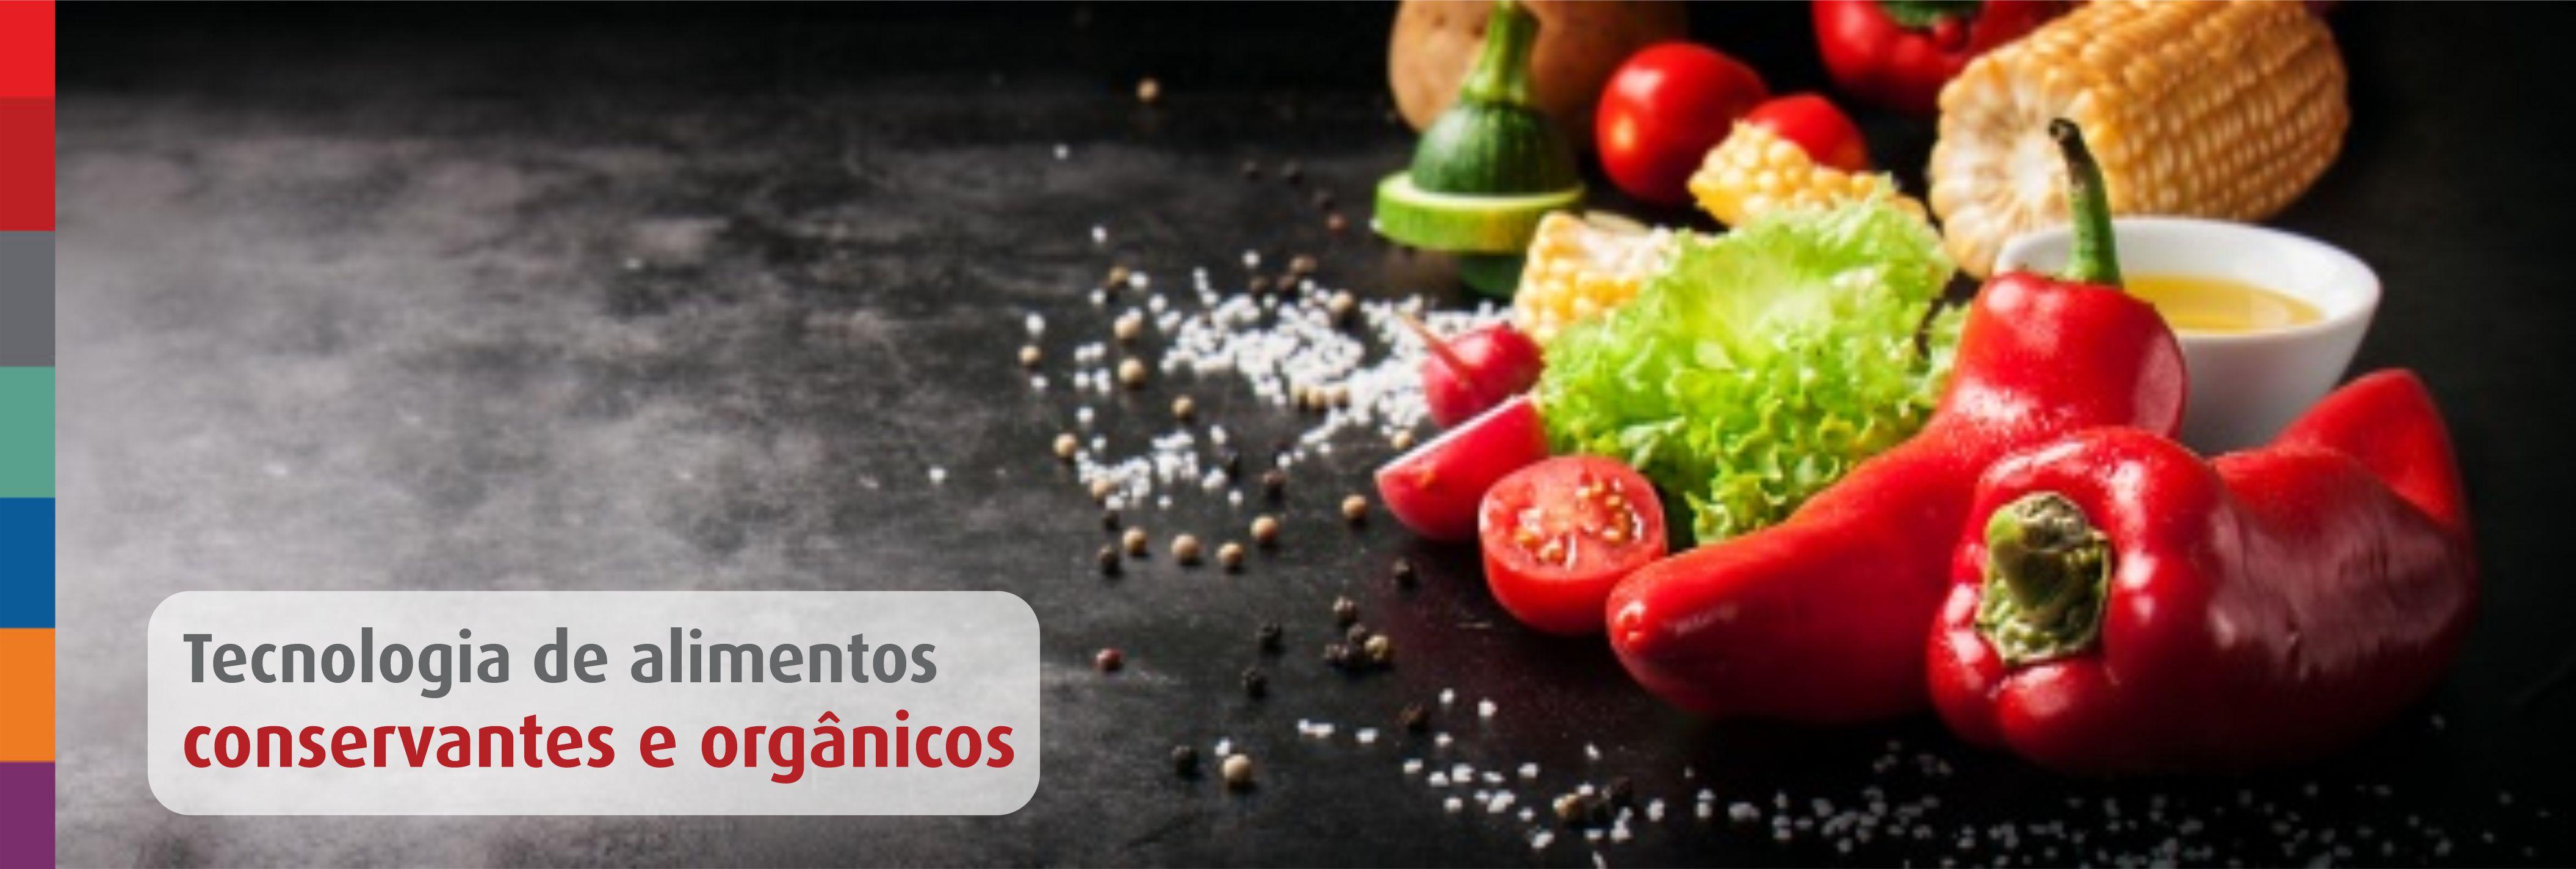 Tecnologia de alimentos: Os conservantes e os alimentos orgânicos